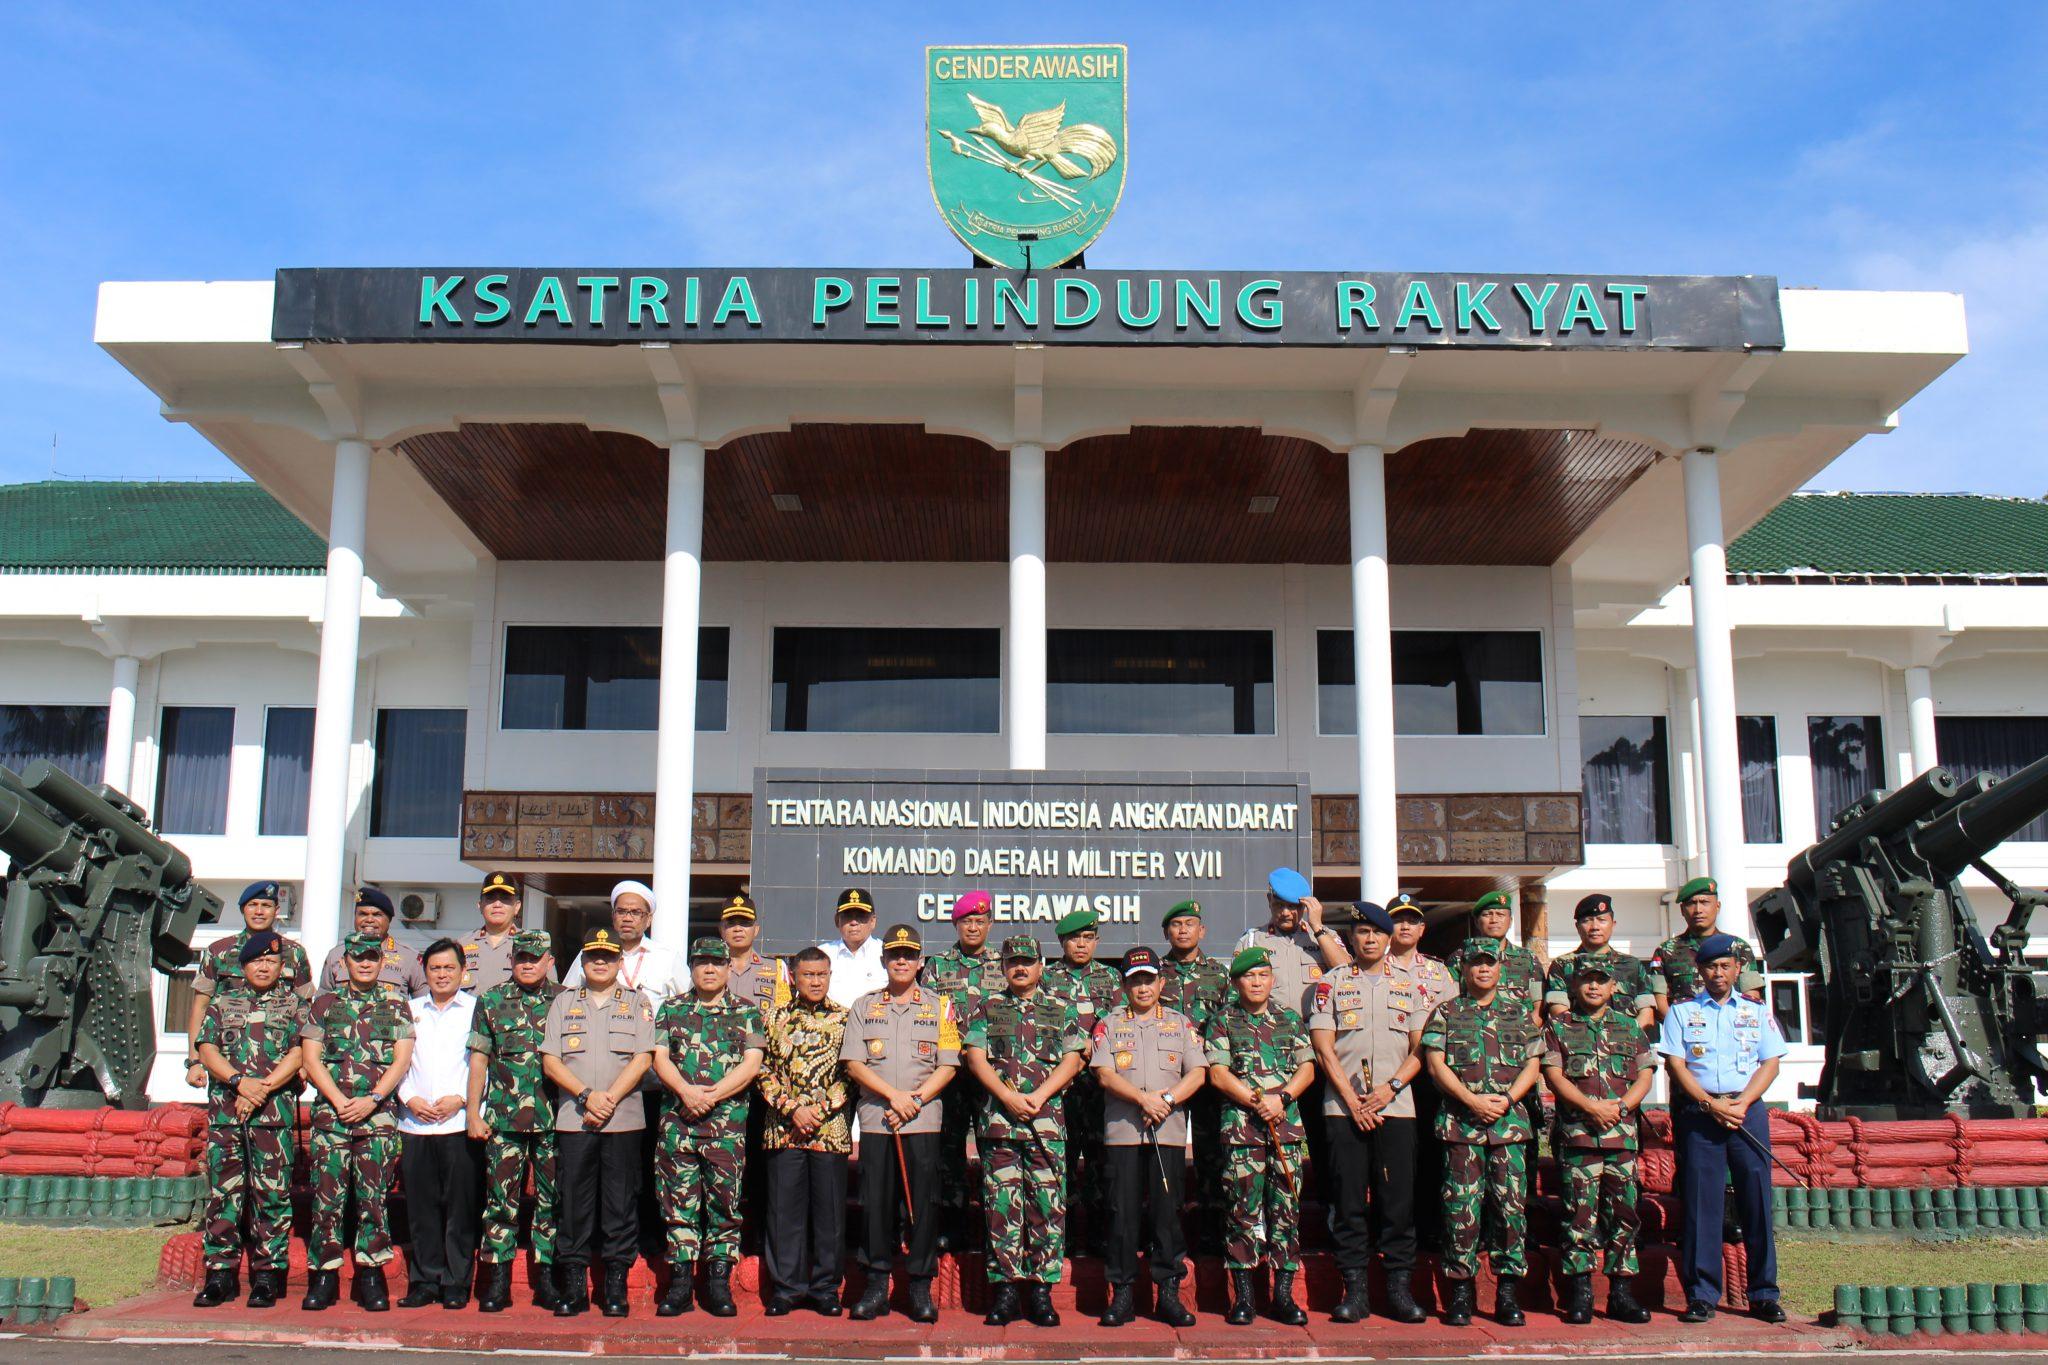 Kunjungan Panglima TNI dan Kapolri ke Jayapura